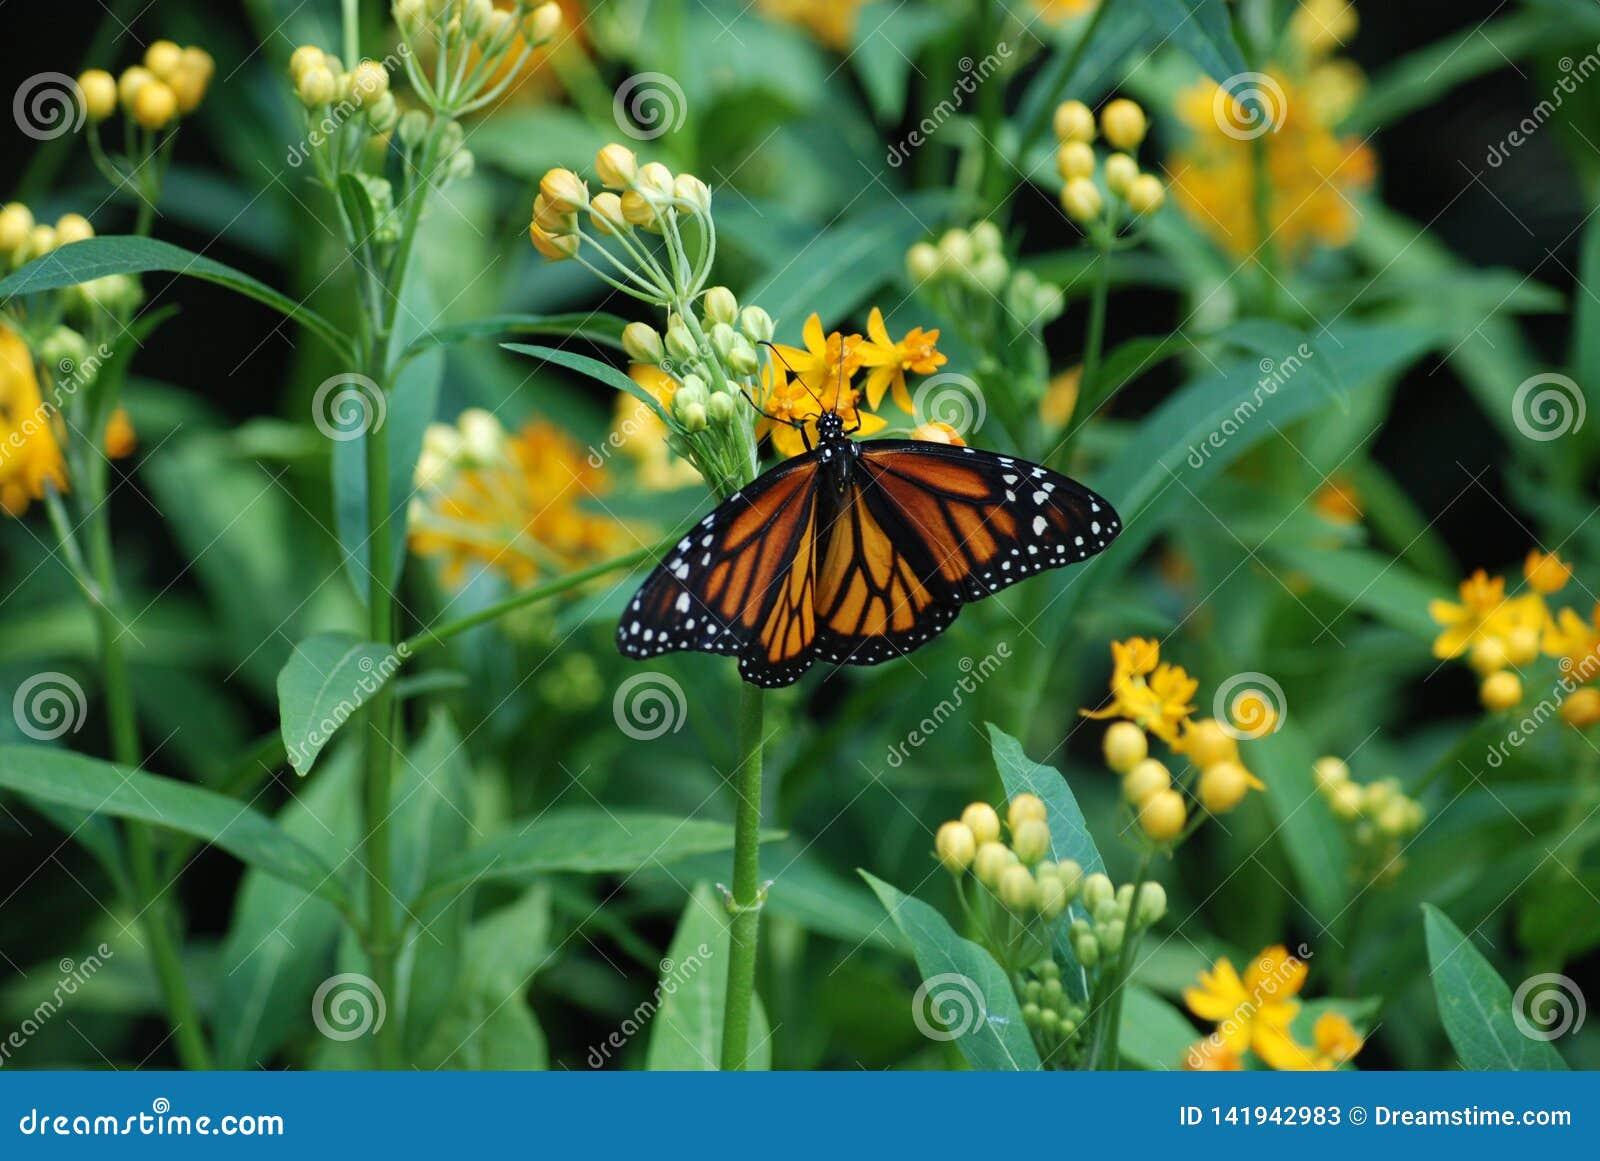 Ένας άγγελος φυλάκων - να ταΐσει πεταλούδων μοναρχών με το κίτρινο λουλούδι